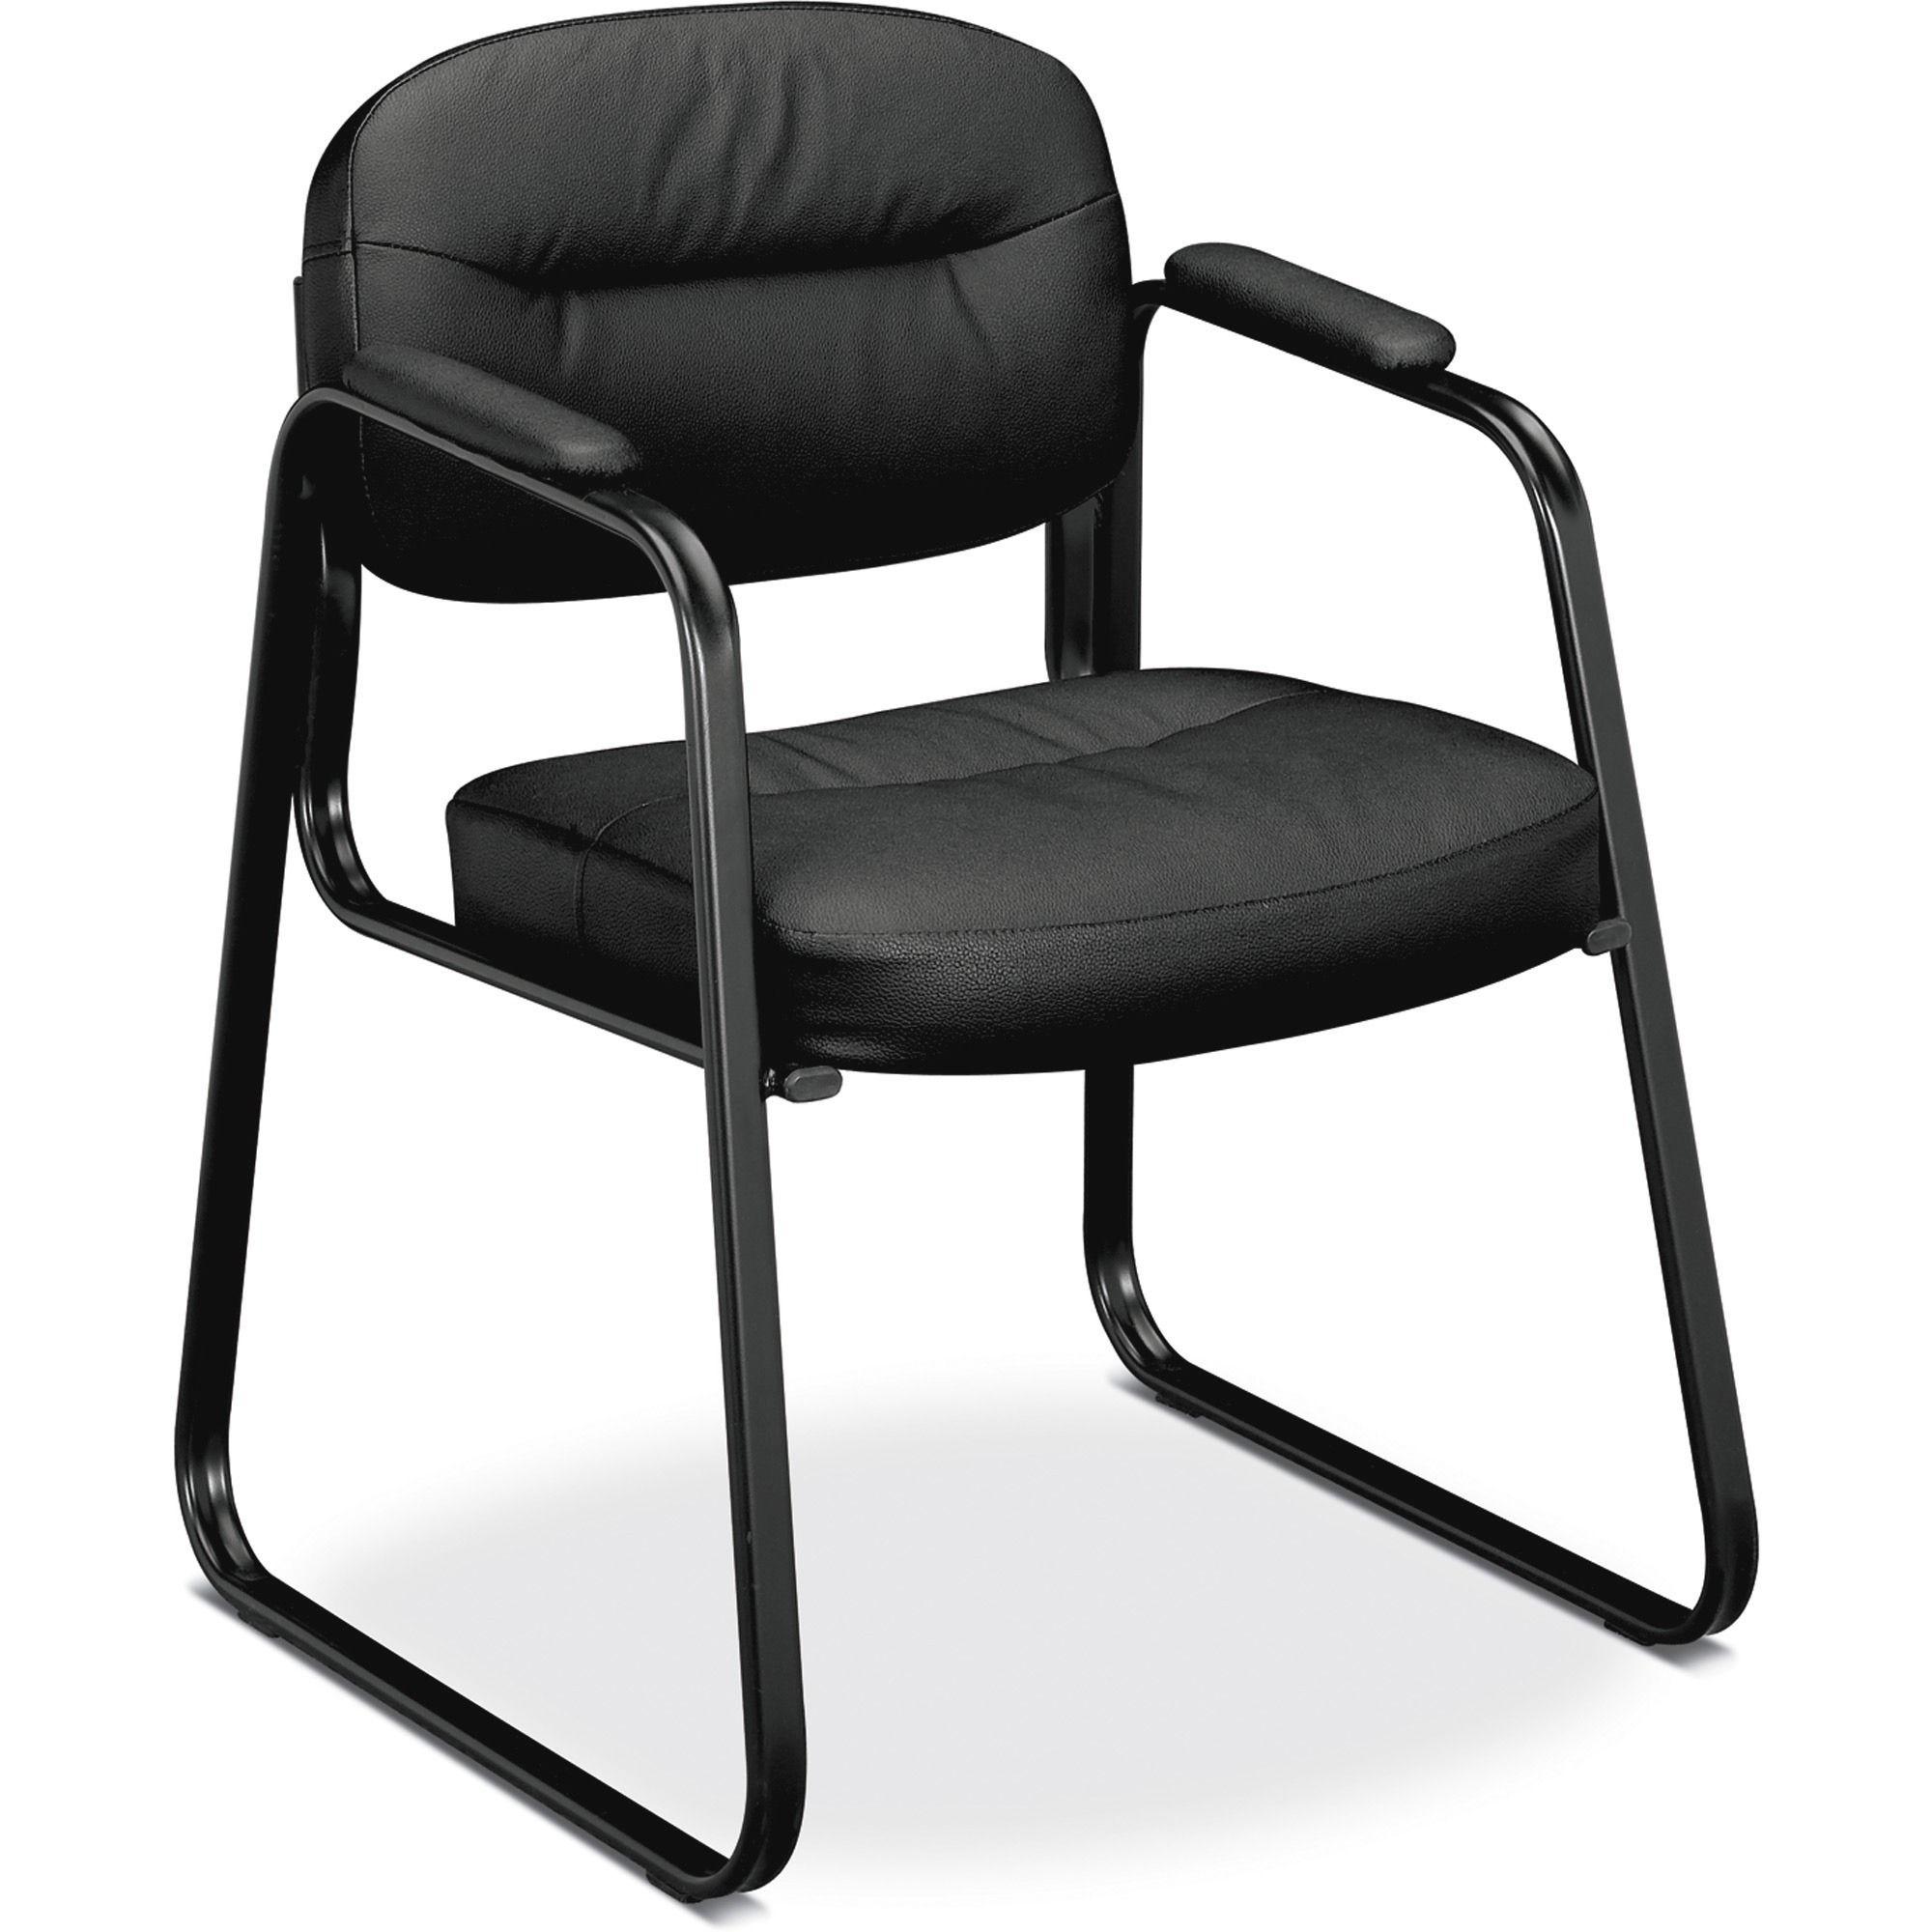 Wohnzimmer Stühle Client Stühle Wartezimmer Stühle Für Die ...